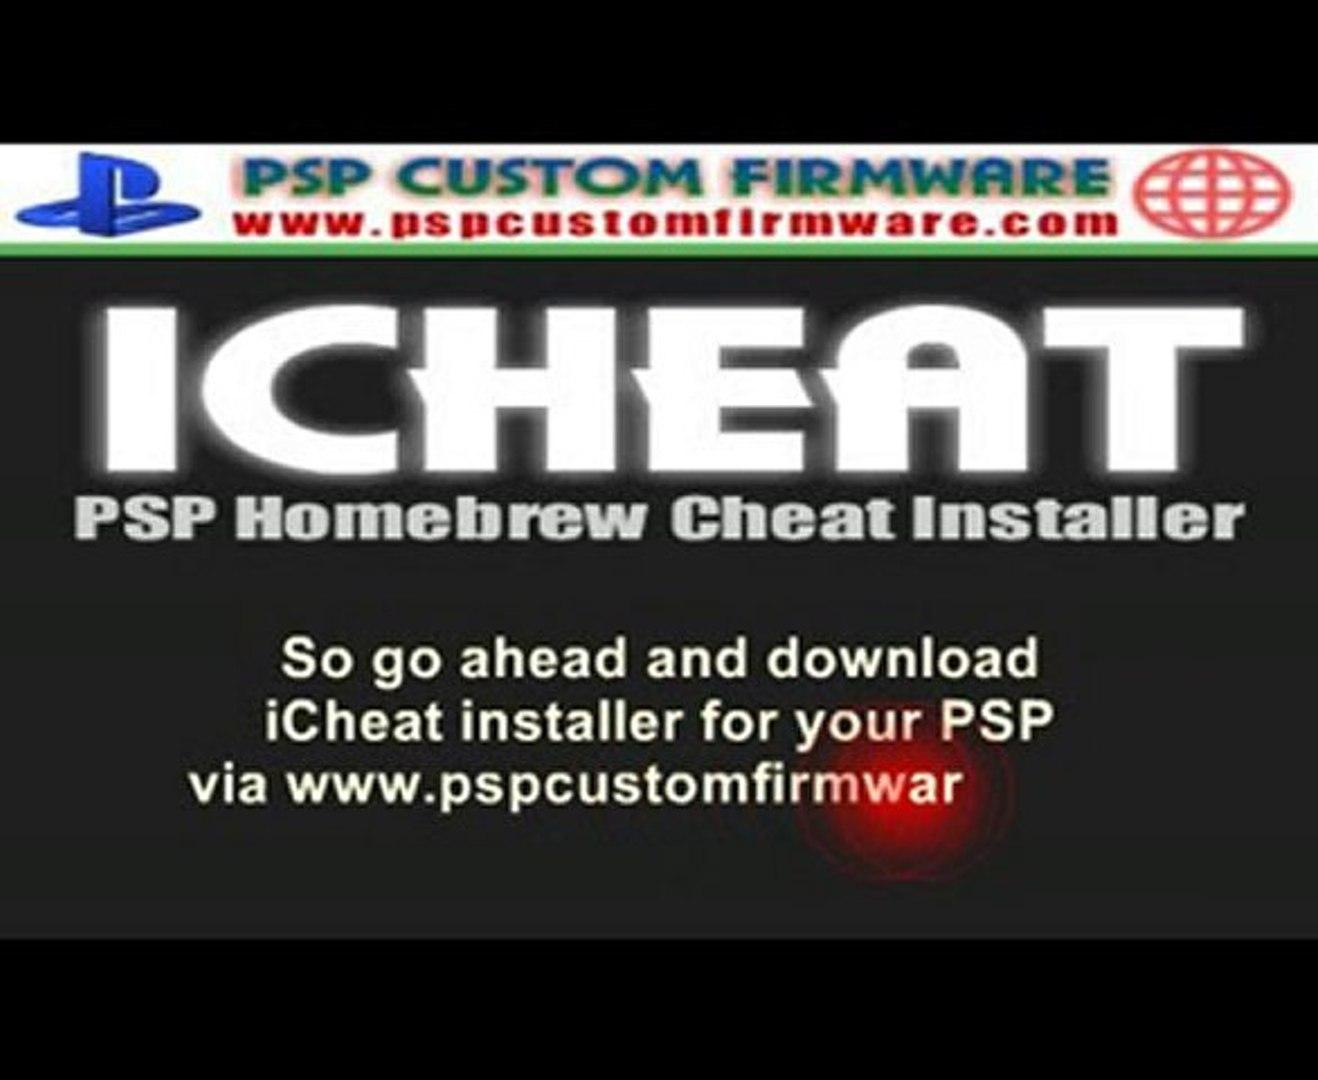 icheat | PSP Cheat Installer